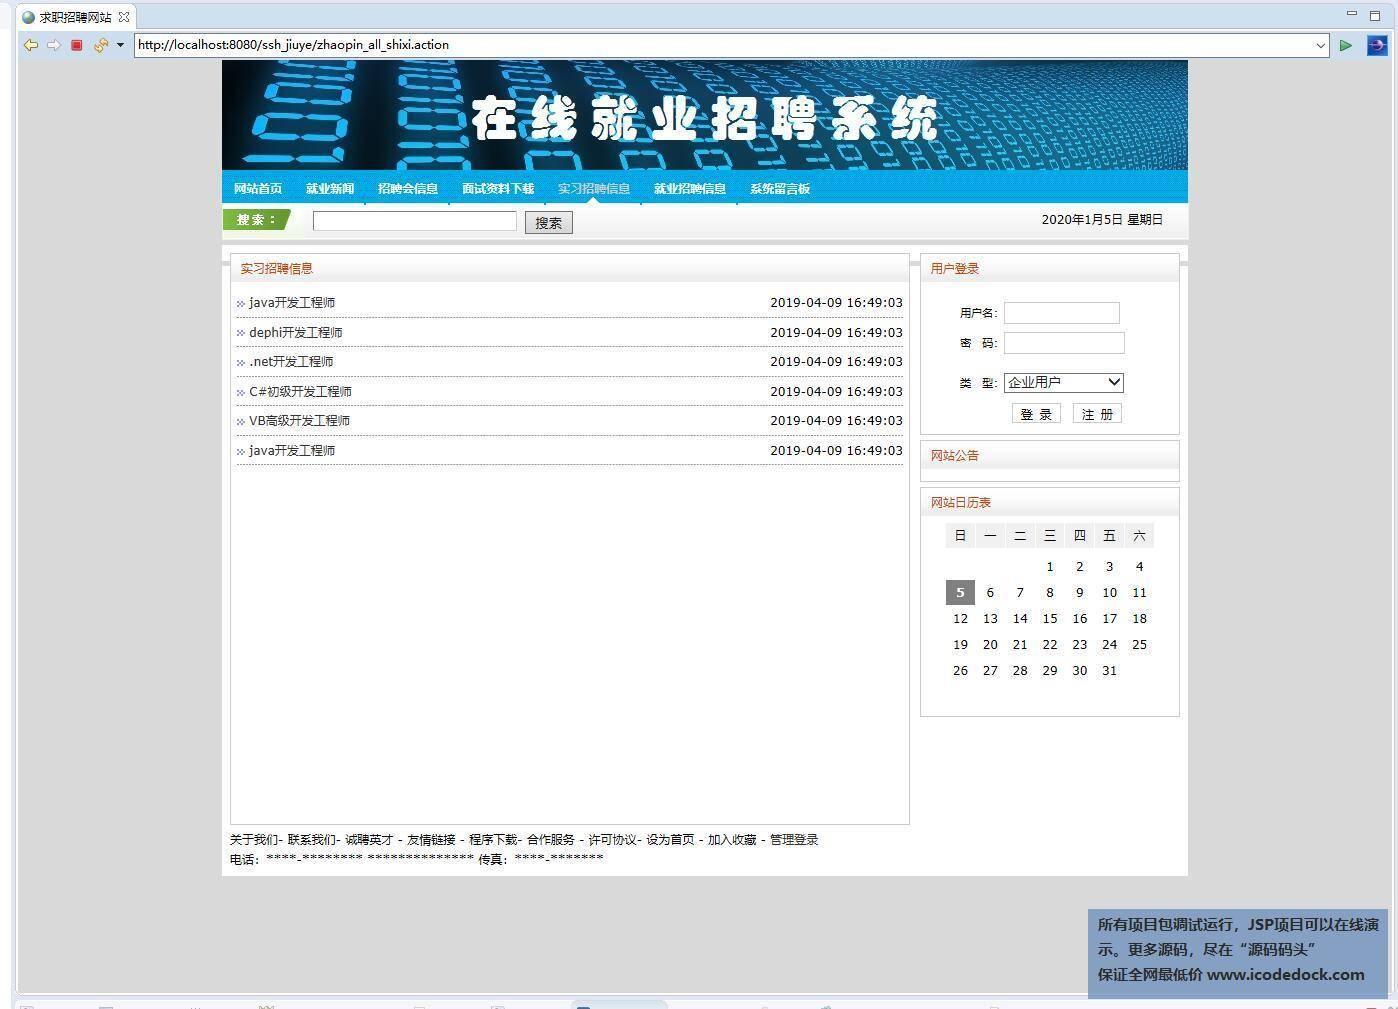 源码码头-SSH求职招聘网站-用户角色-查看信息